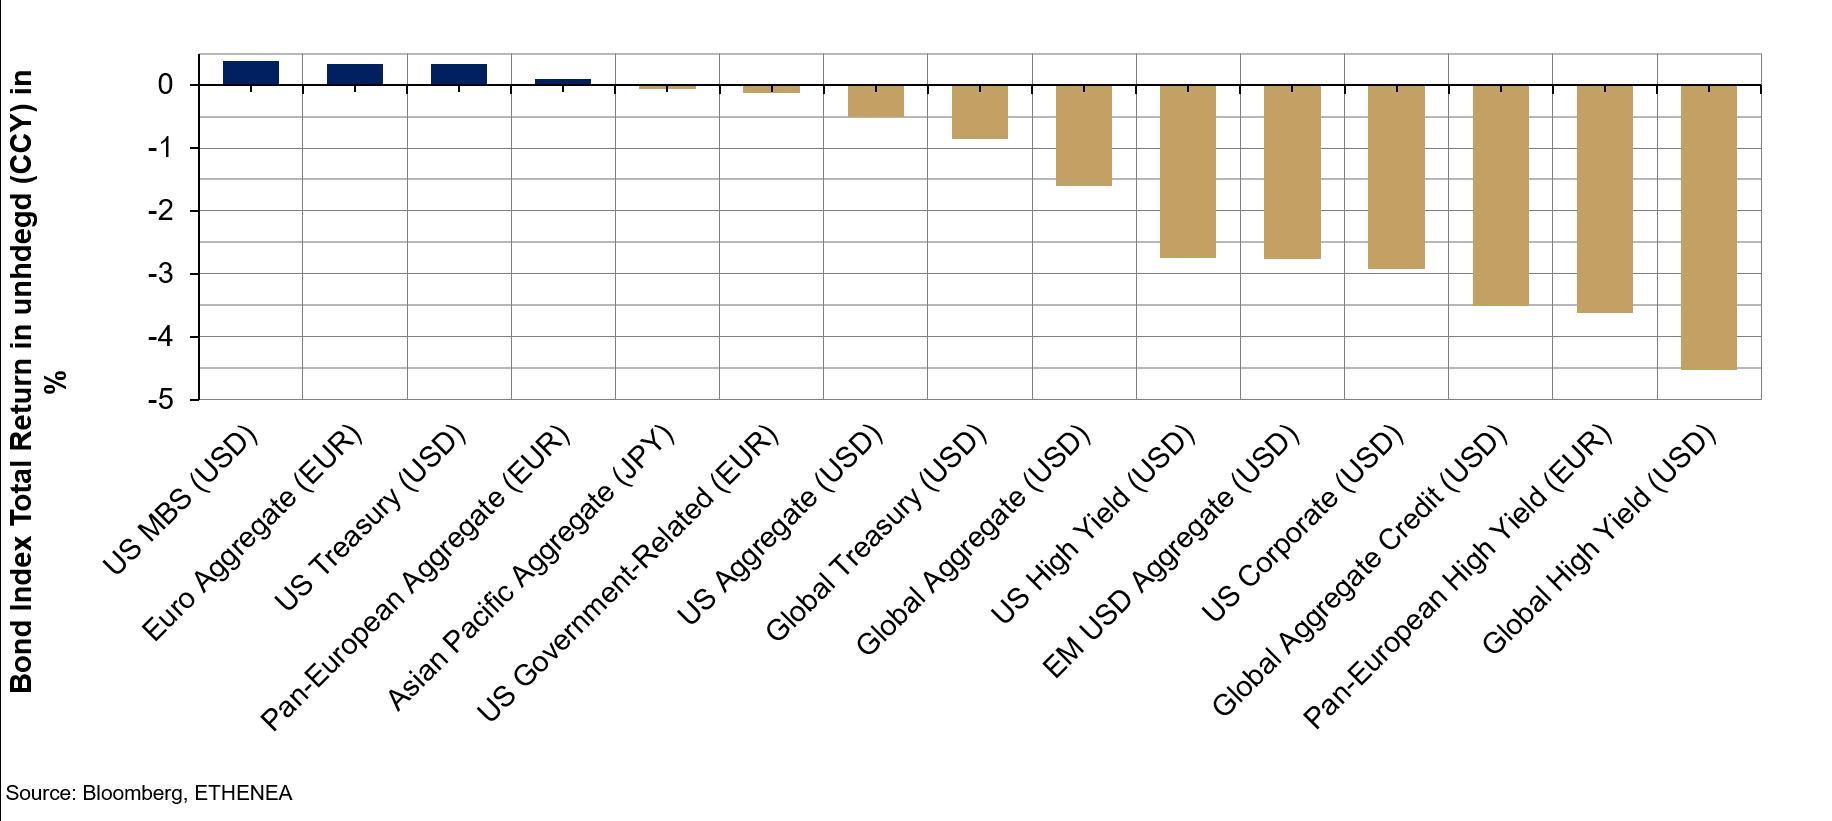 5faf6770fb Grafico 4: Rendimento di indici obbligazionari selezionati in valuta locale  nel 2018 (al 27.12.2018).